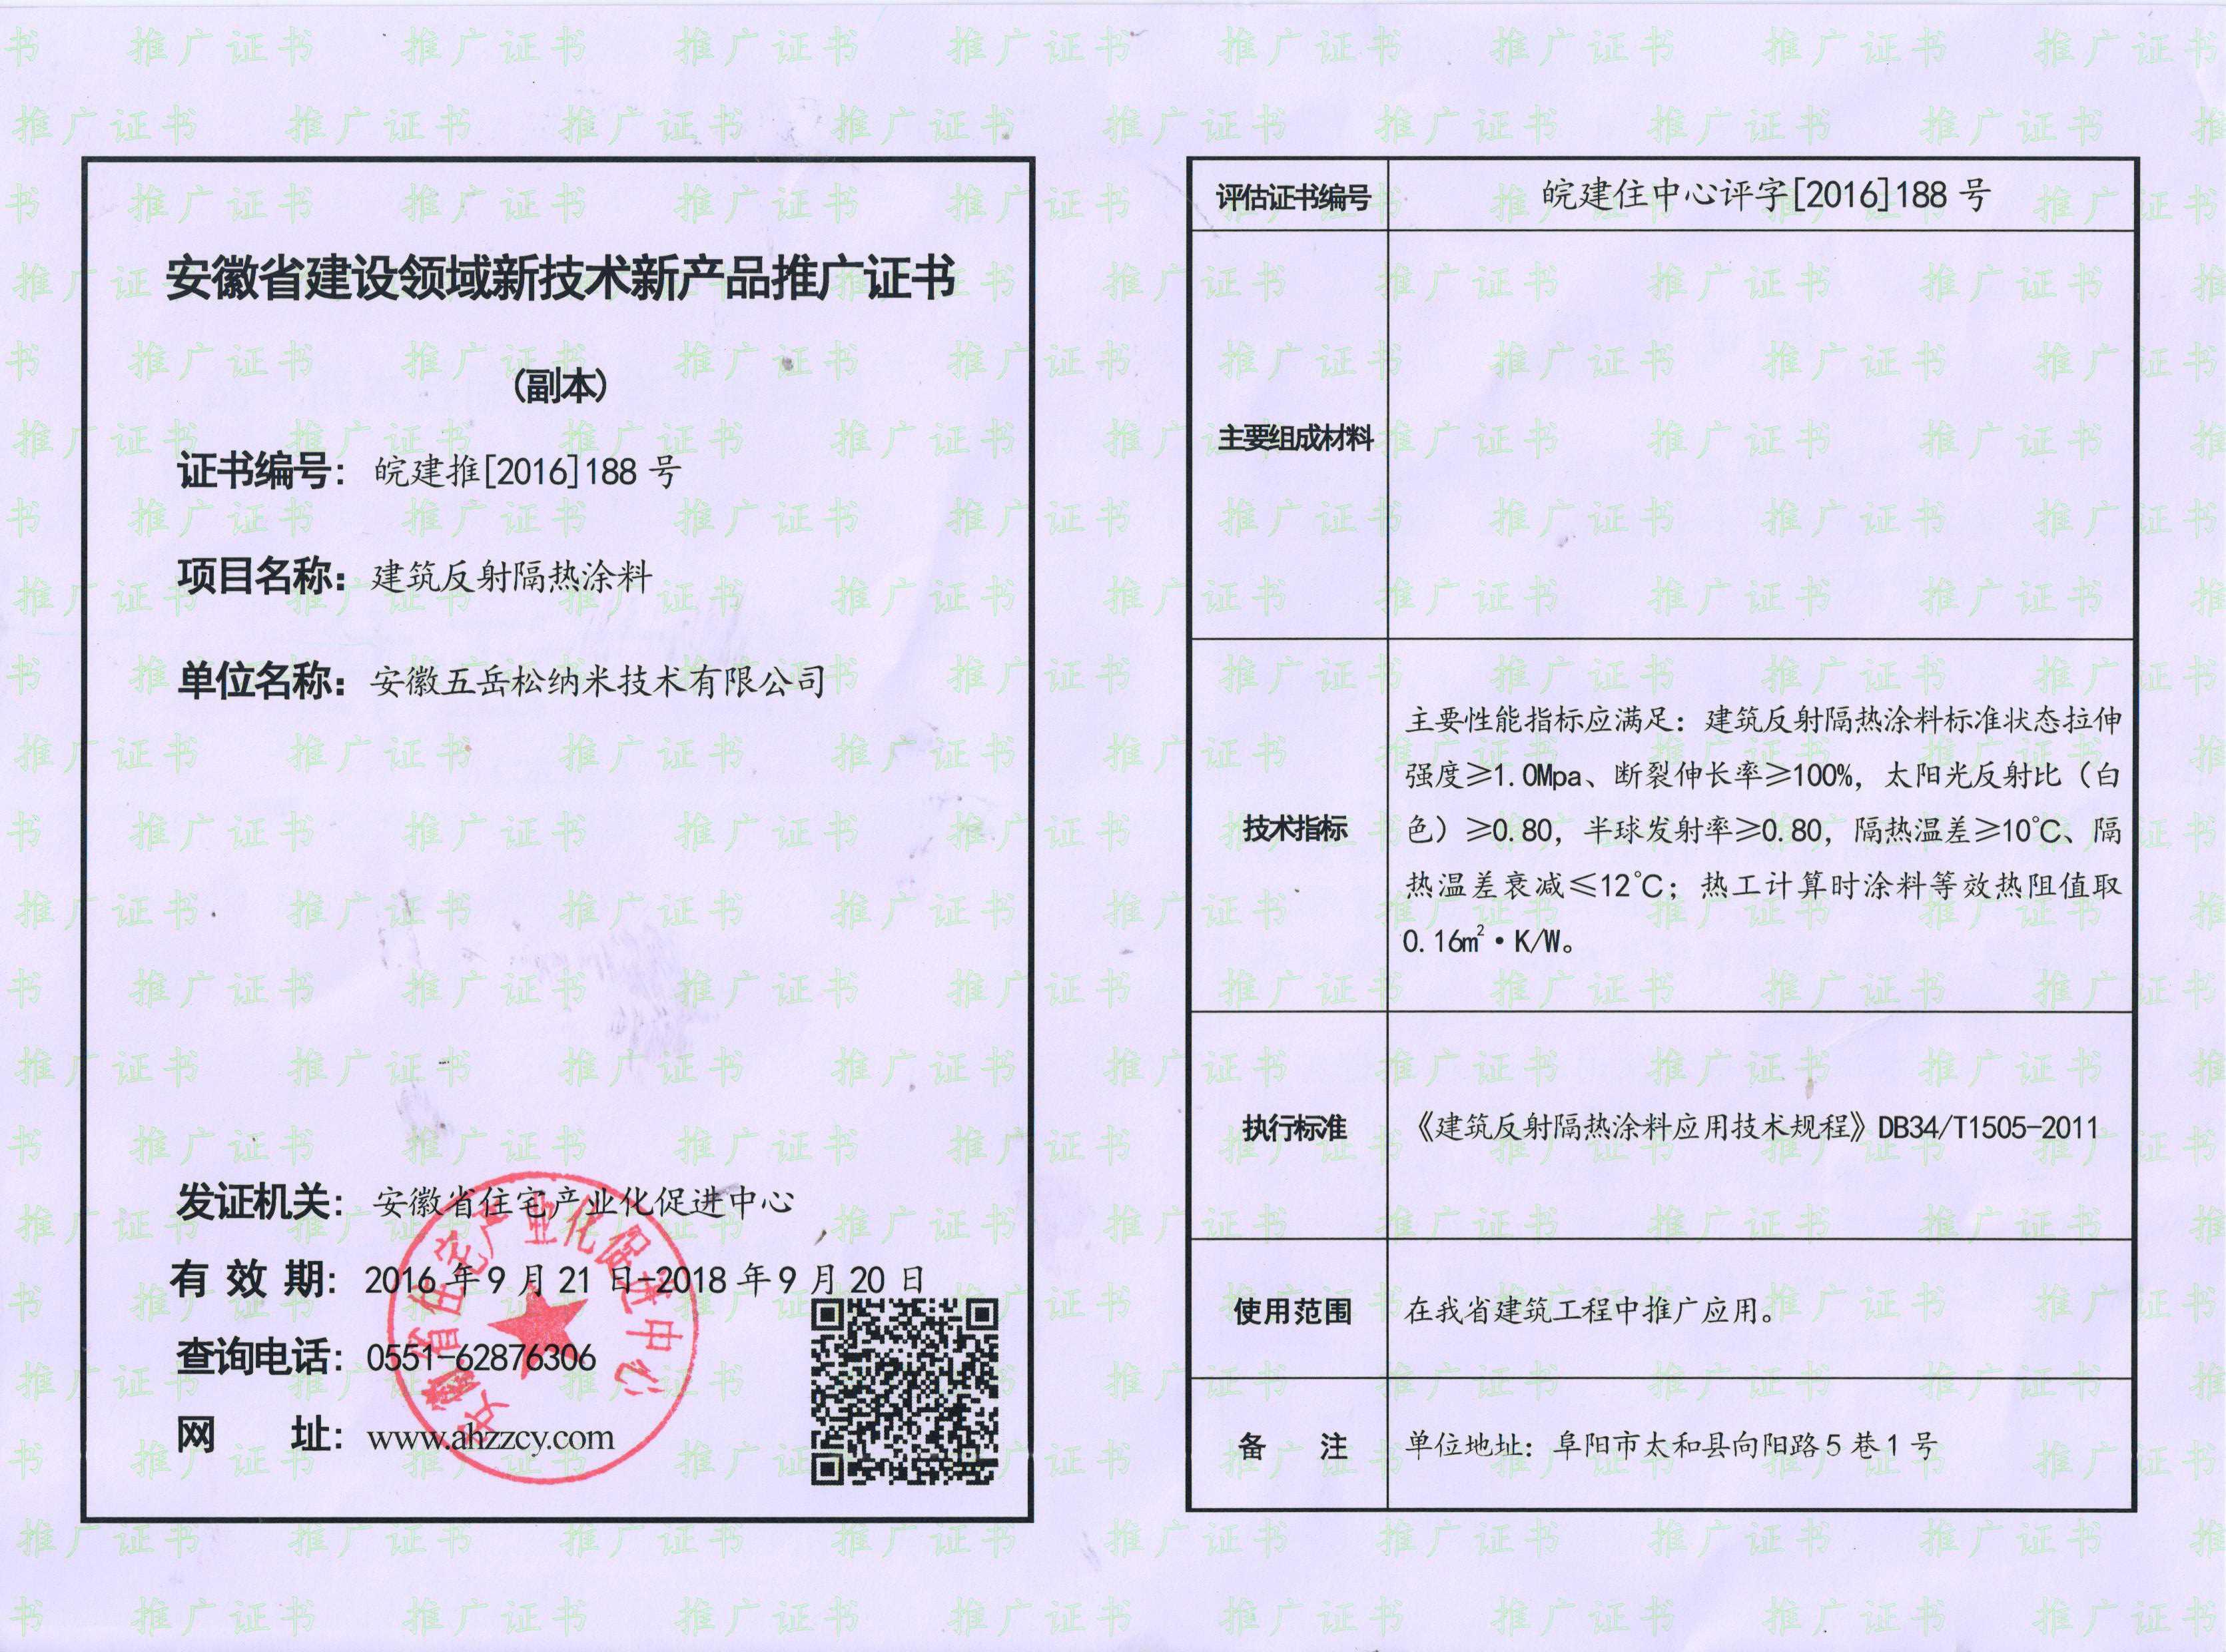 AW证书160921-反射隔热涂料推行证书-2